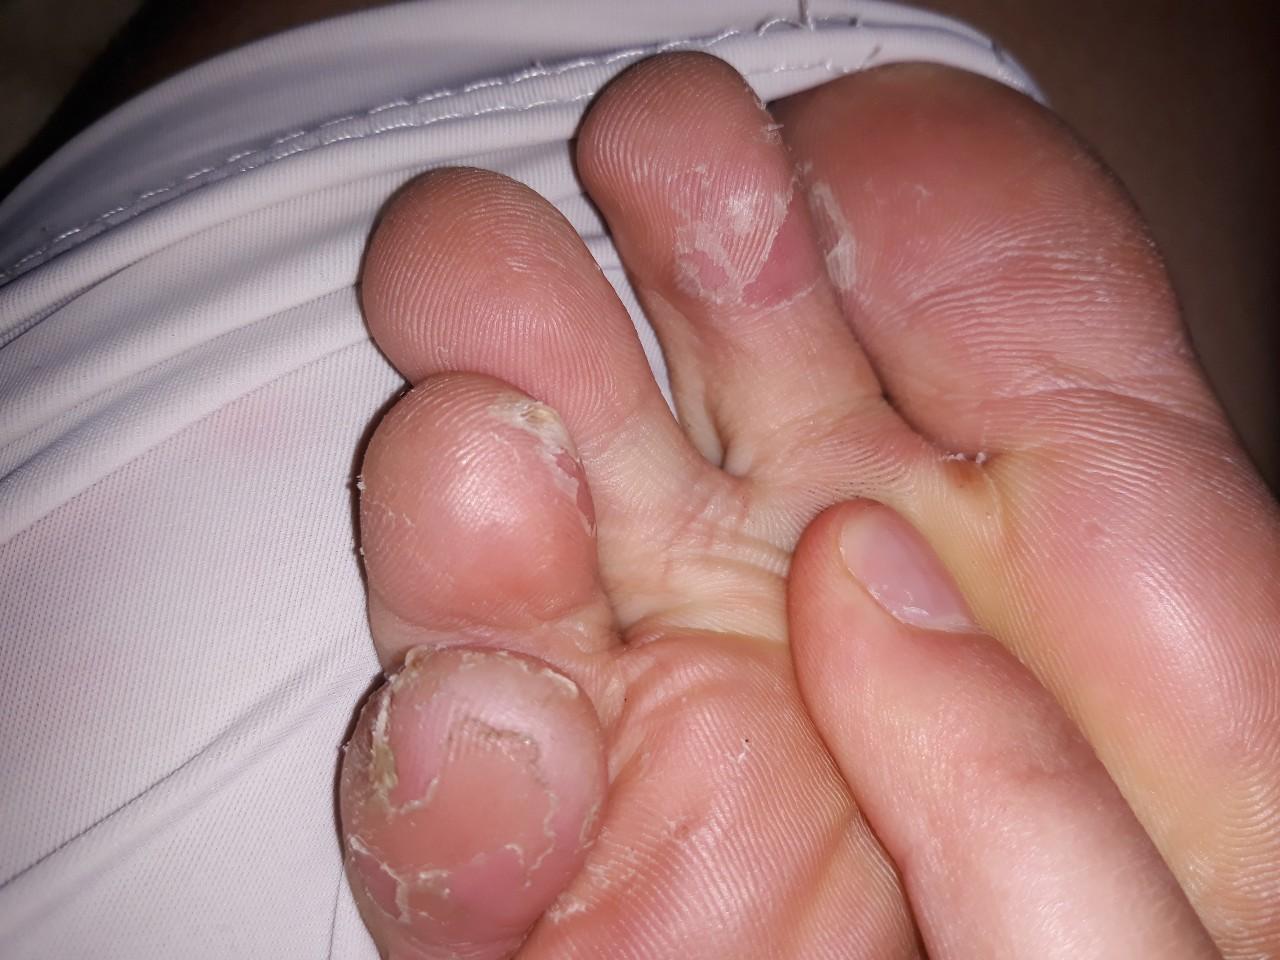 Виды грибка на ногах между пальцами